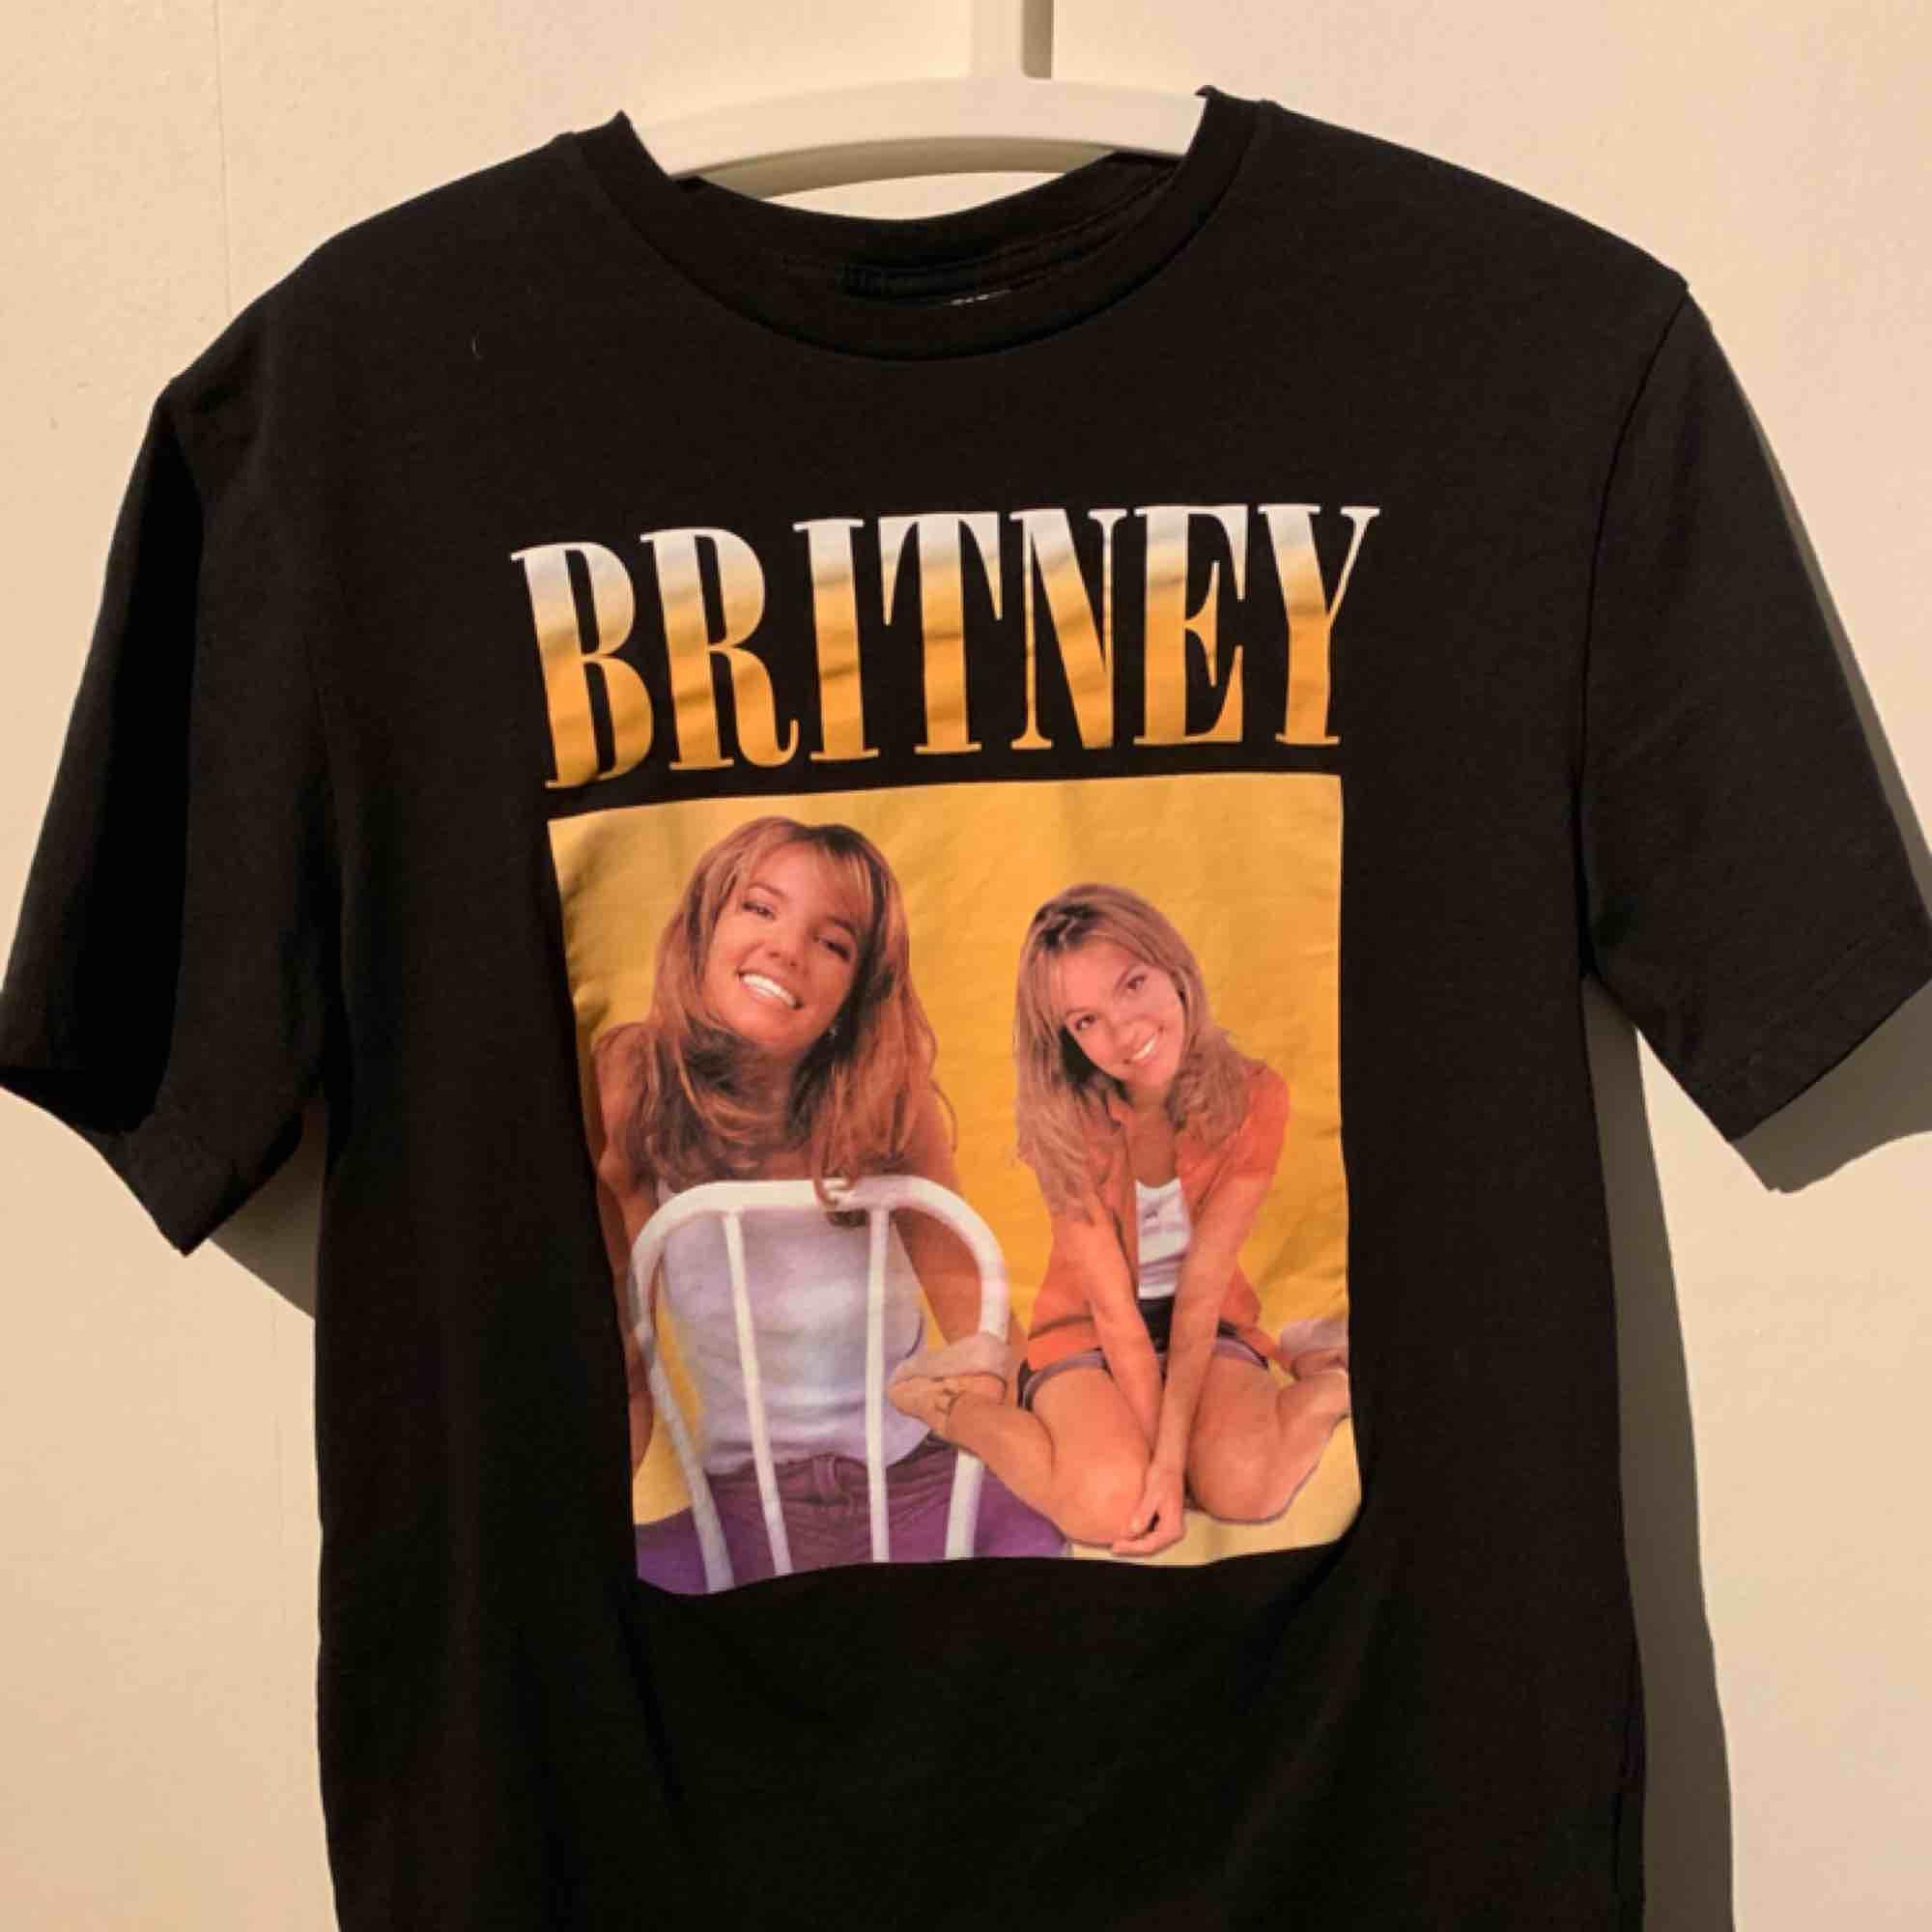 Skiiiittt snygg tröja och endast använt 2-3 gånger! Säljs för sitter för tajt för min smak och får ingen användning längre. Toppen skick! Köparen står för frakt!💕. T-shirts.